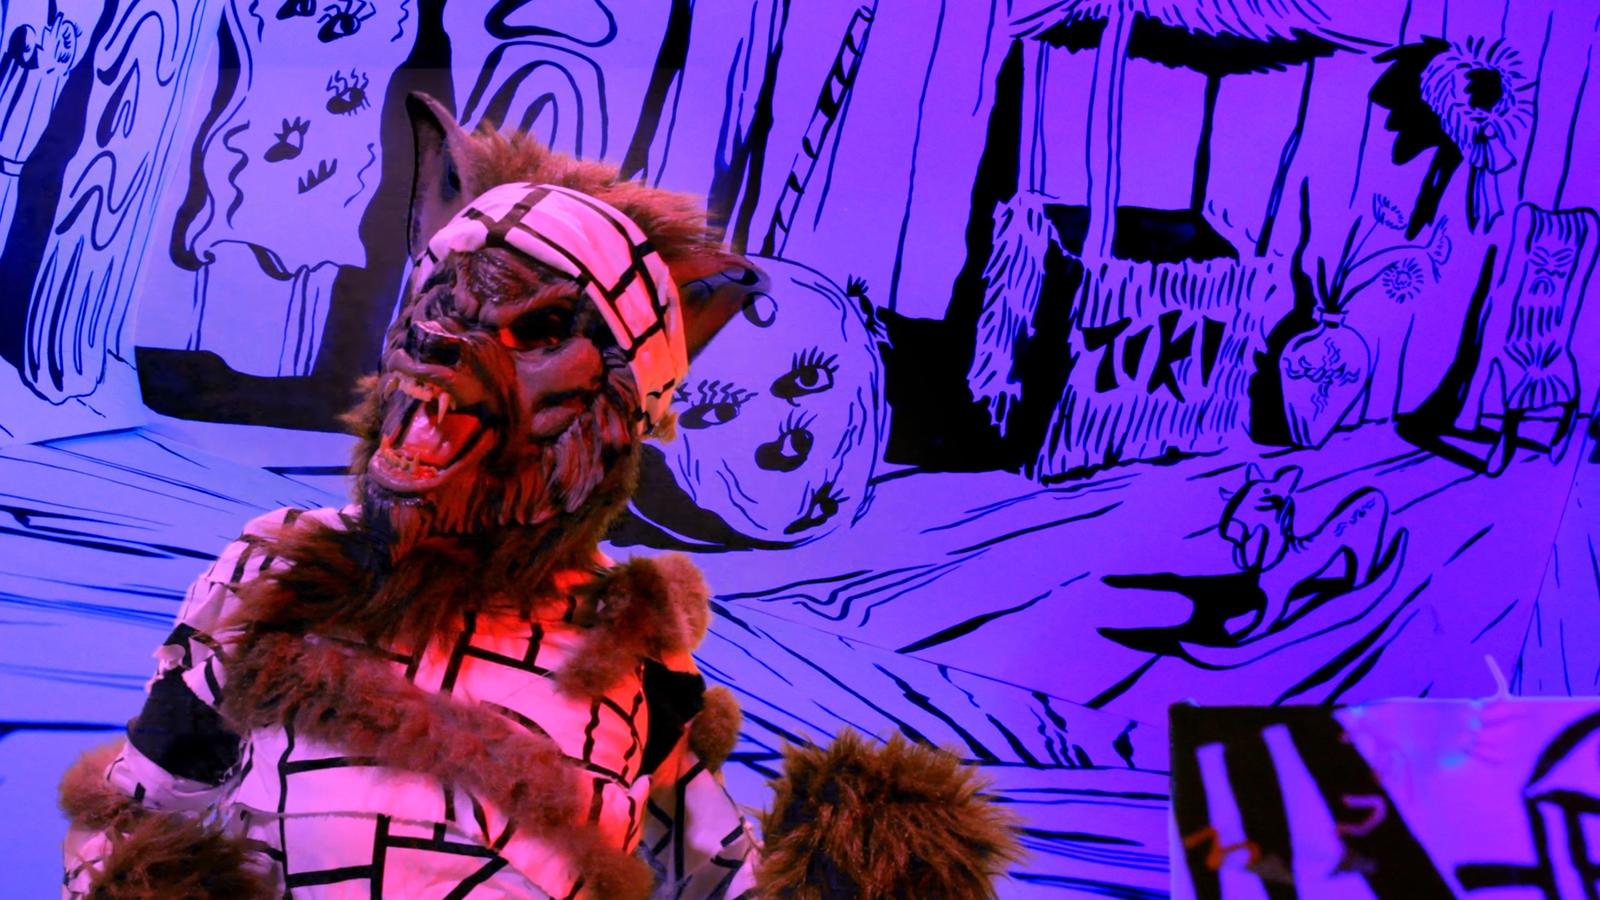 Video Still from Eyelash Wars, 2014